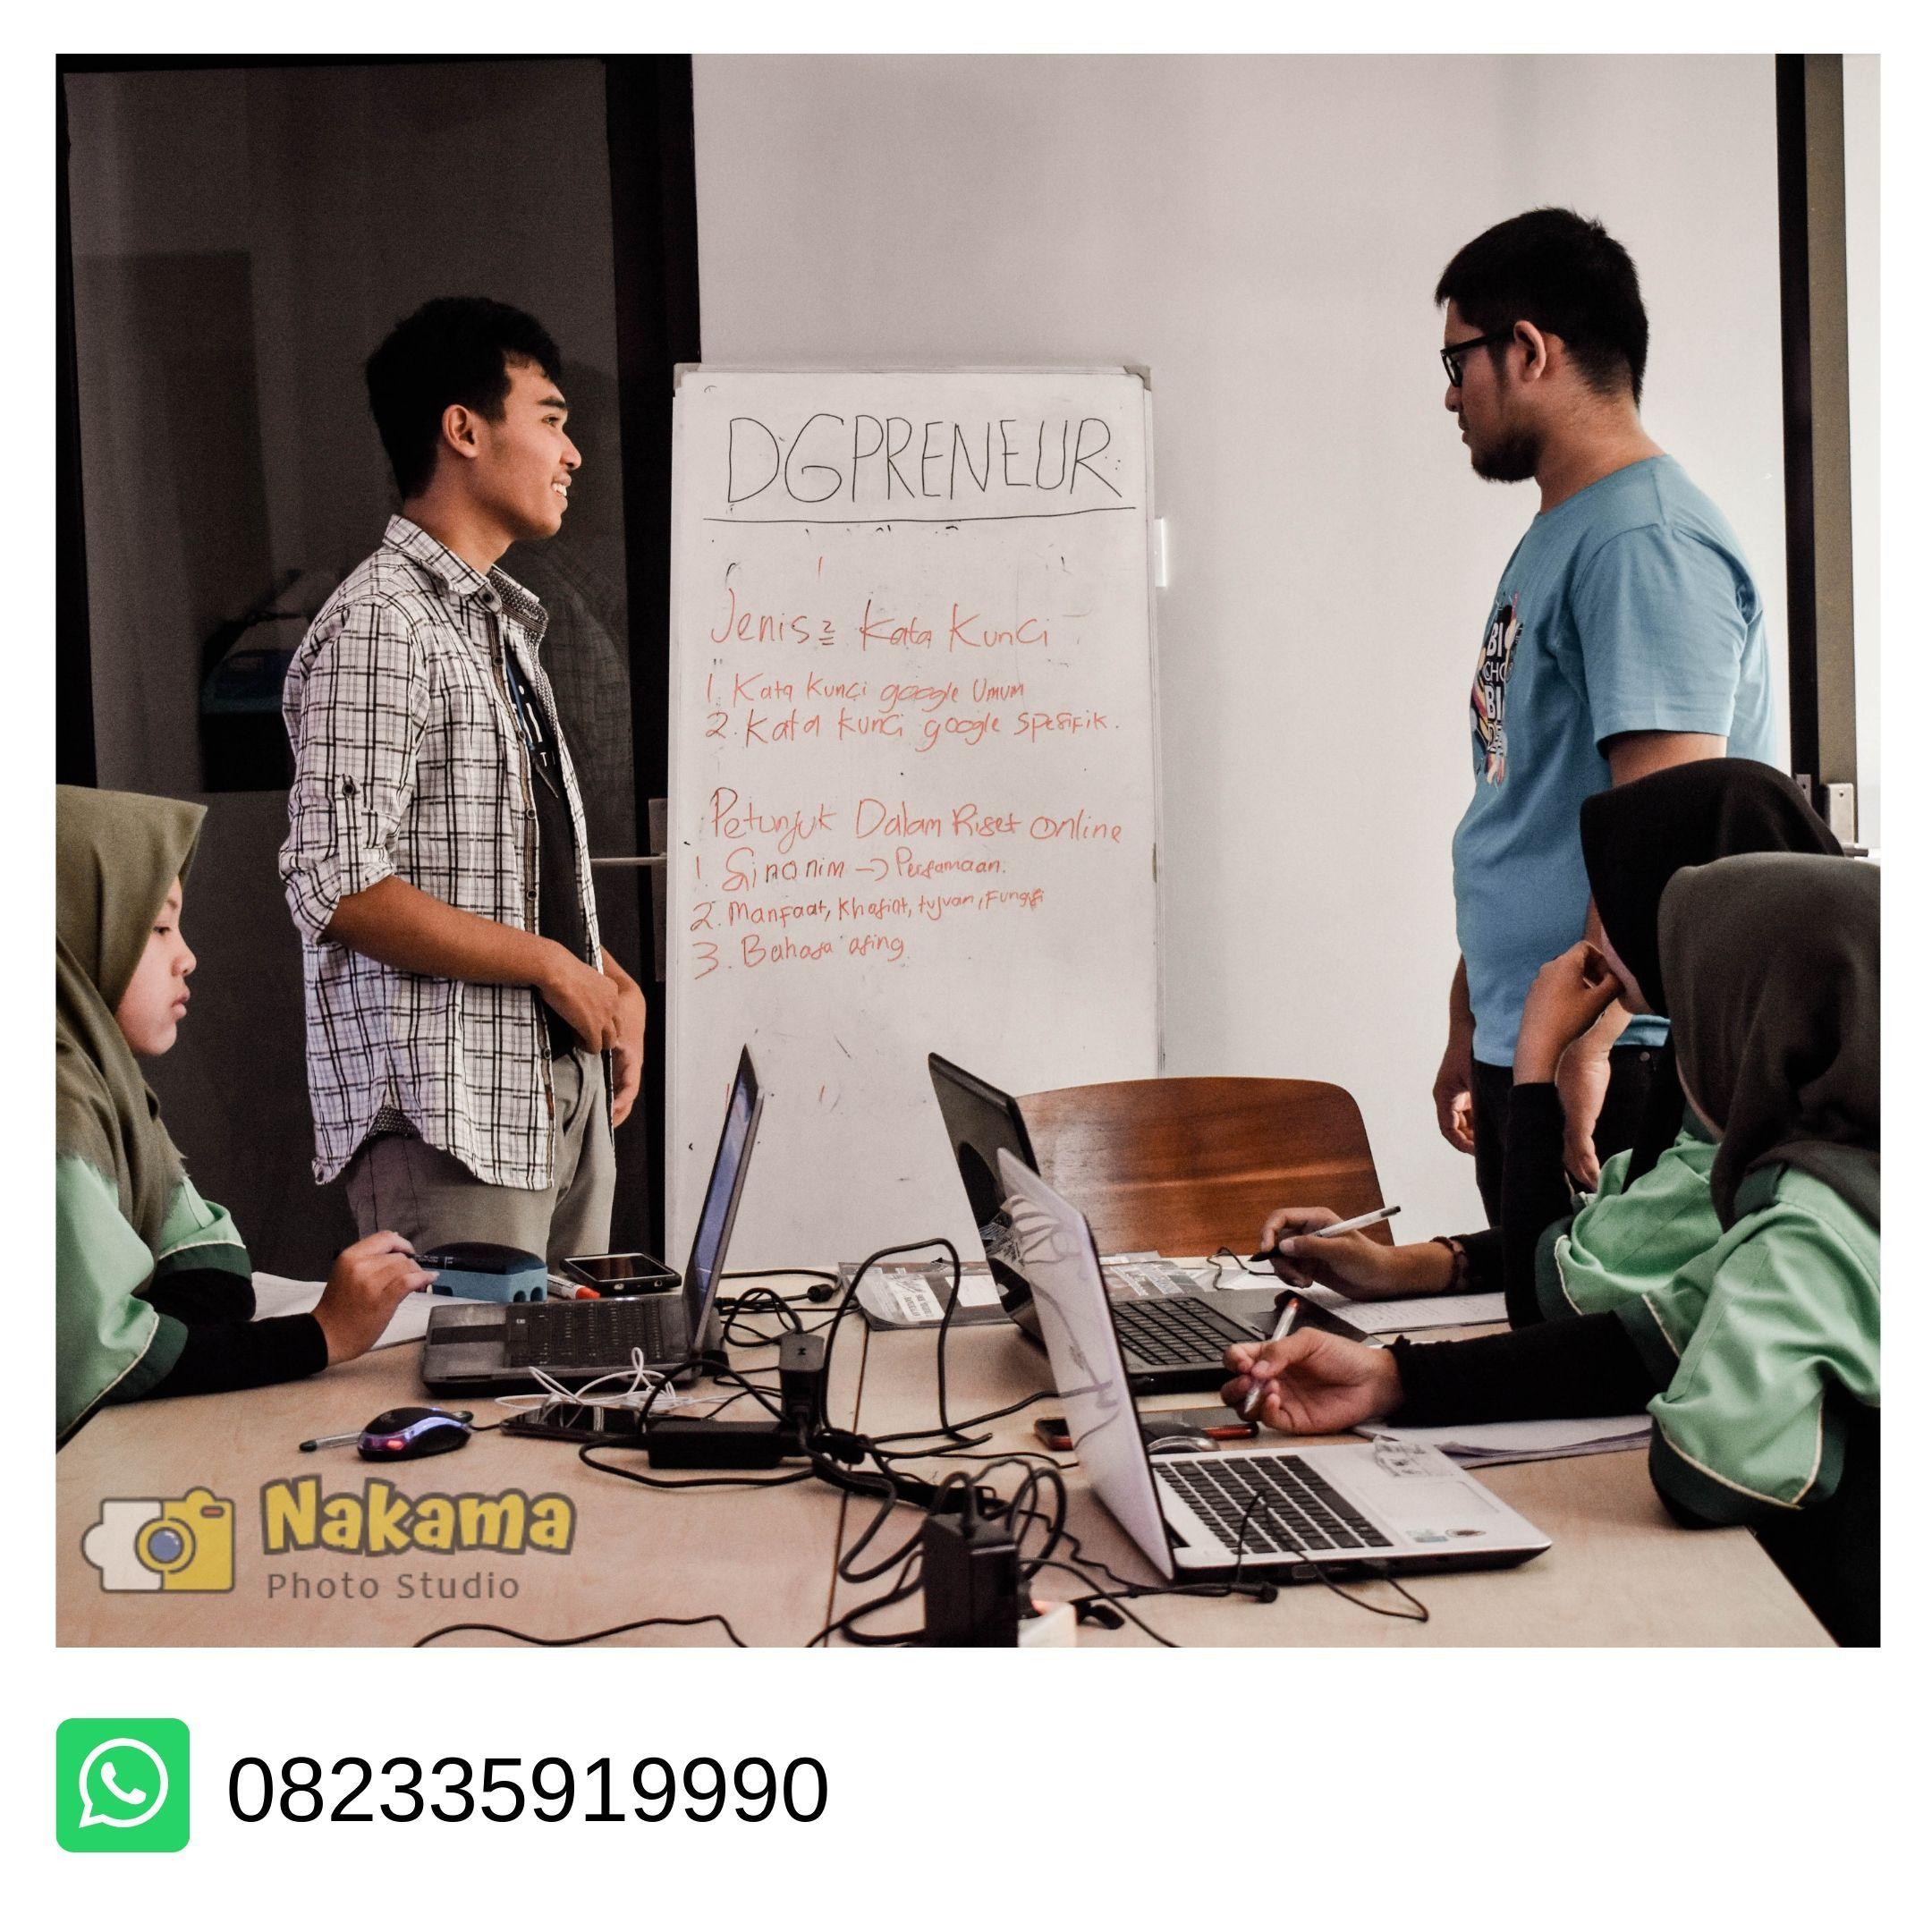 Terbaik 082 335 919 990 Kursus Digital Marketing Di Kediri Marketing Surabaya Latihan